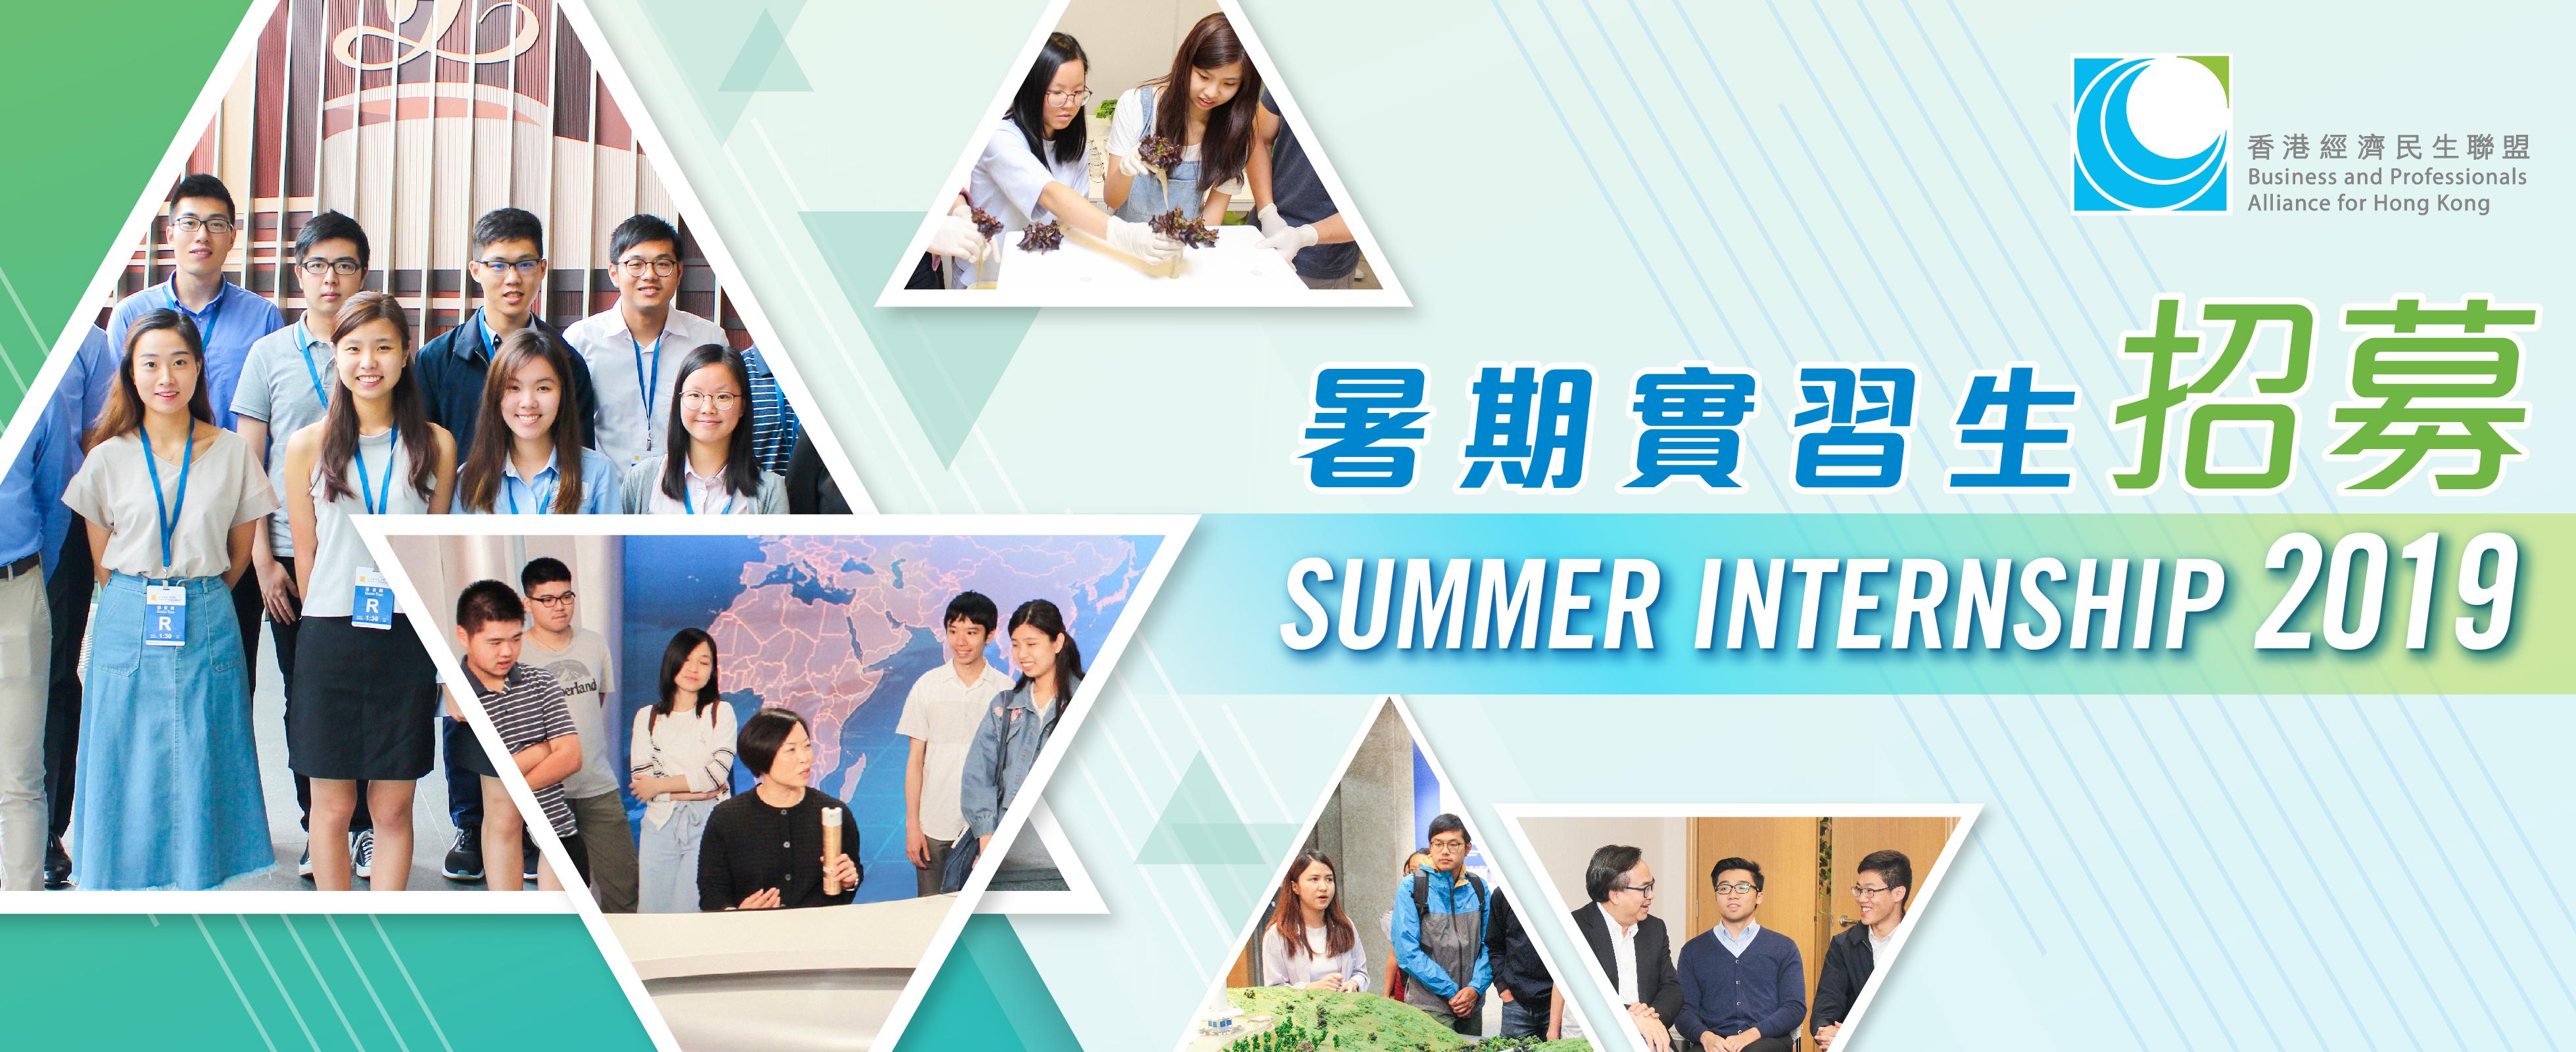 2019 暑期大專生實習計劃招募